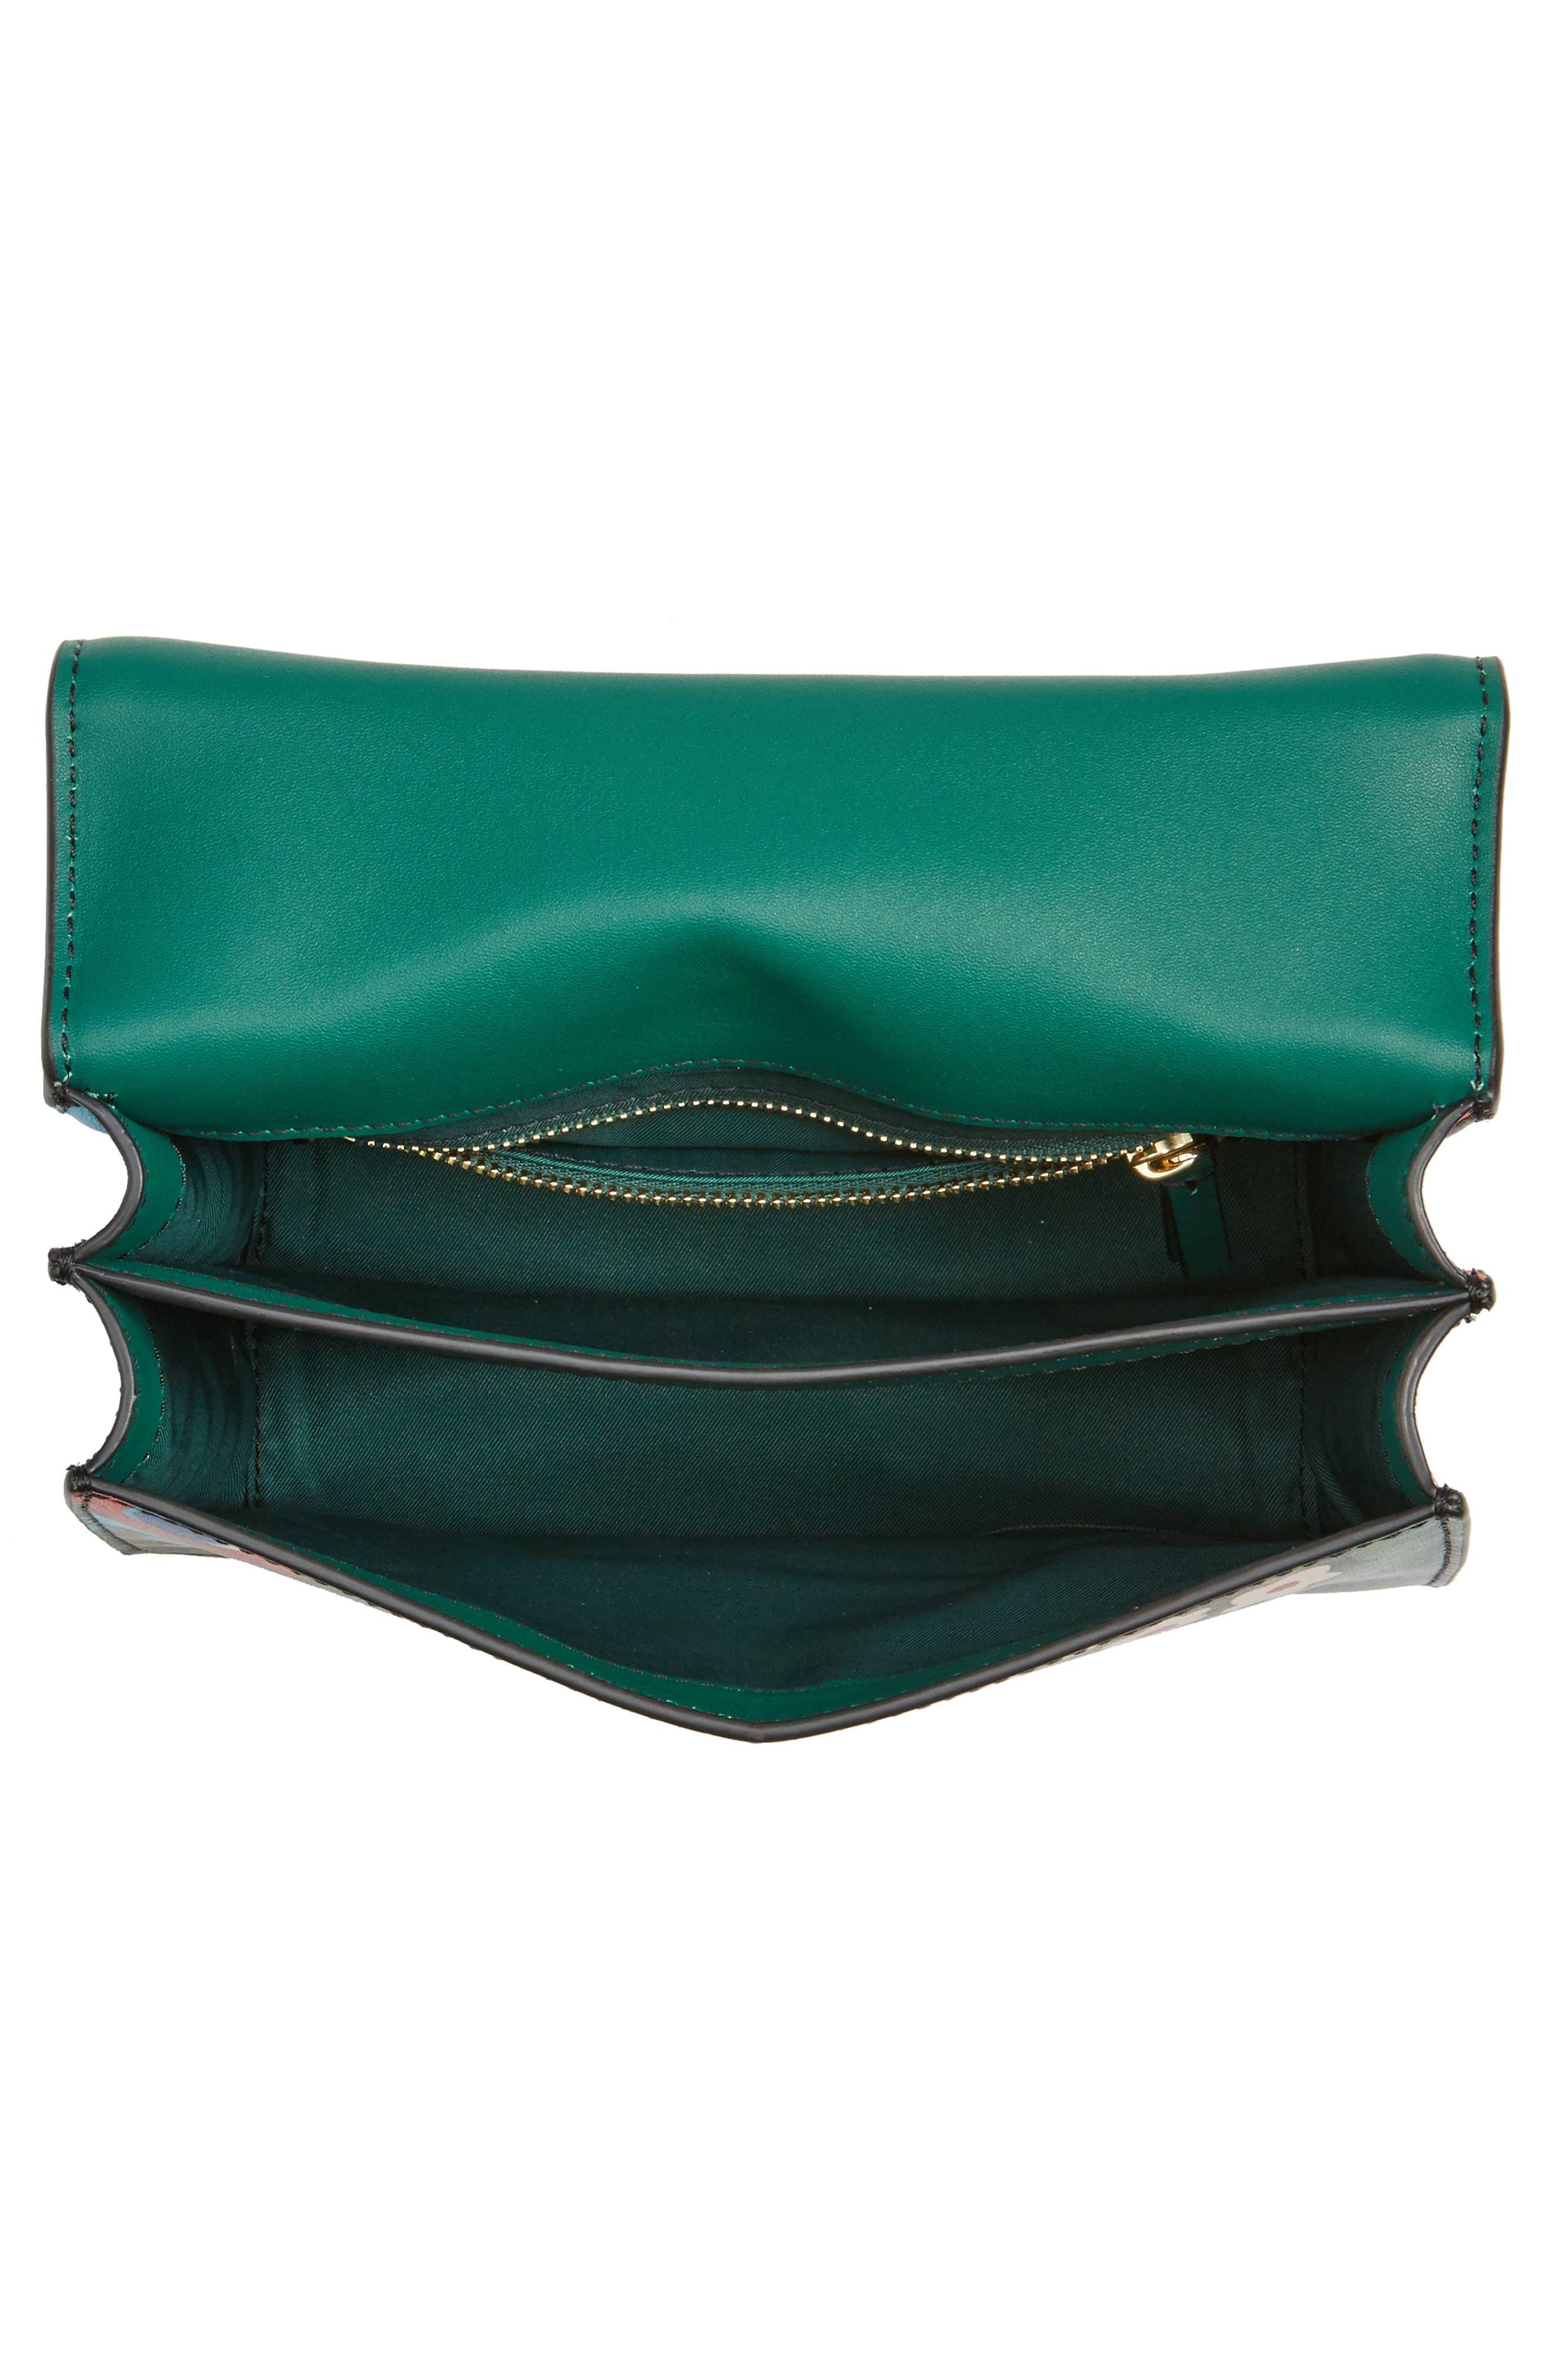 Mini Juliette Leather Top Handle Satchel,                             Alternate thumbnail 4, color,                             300